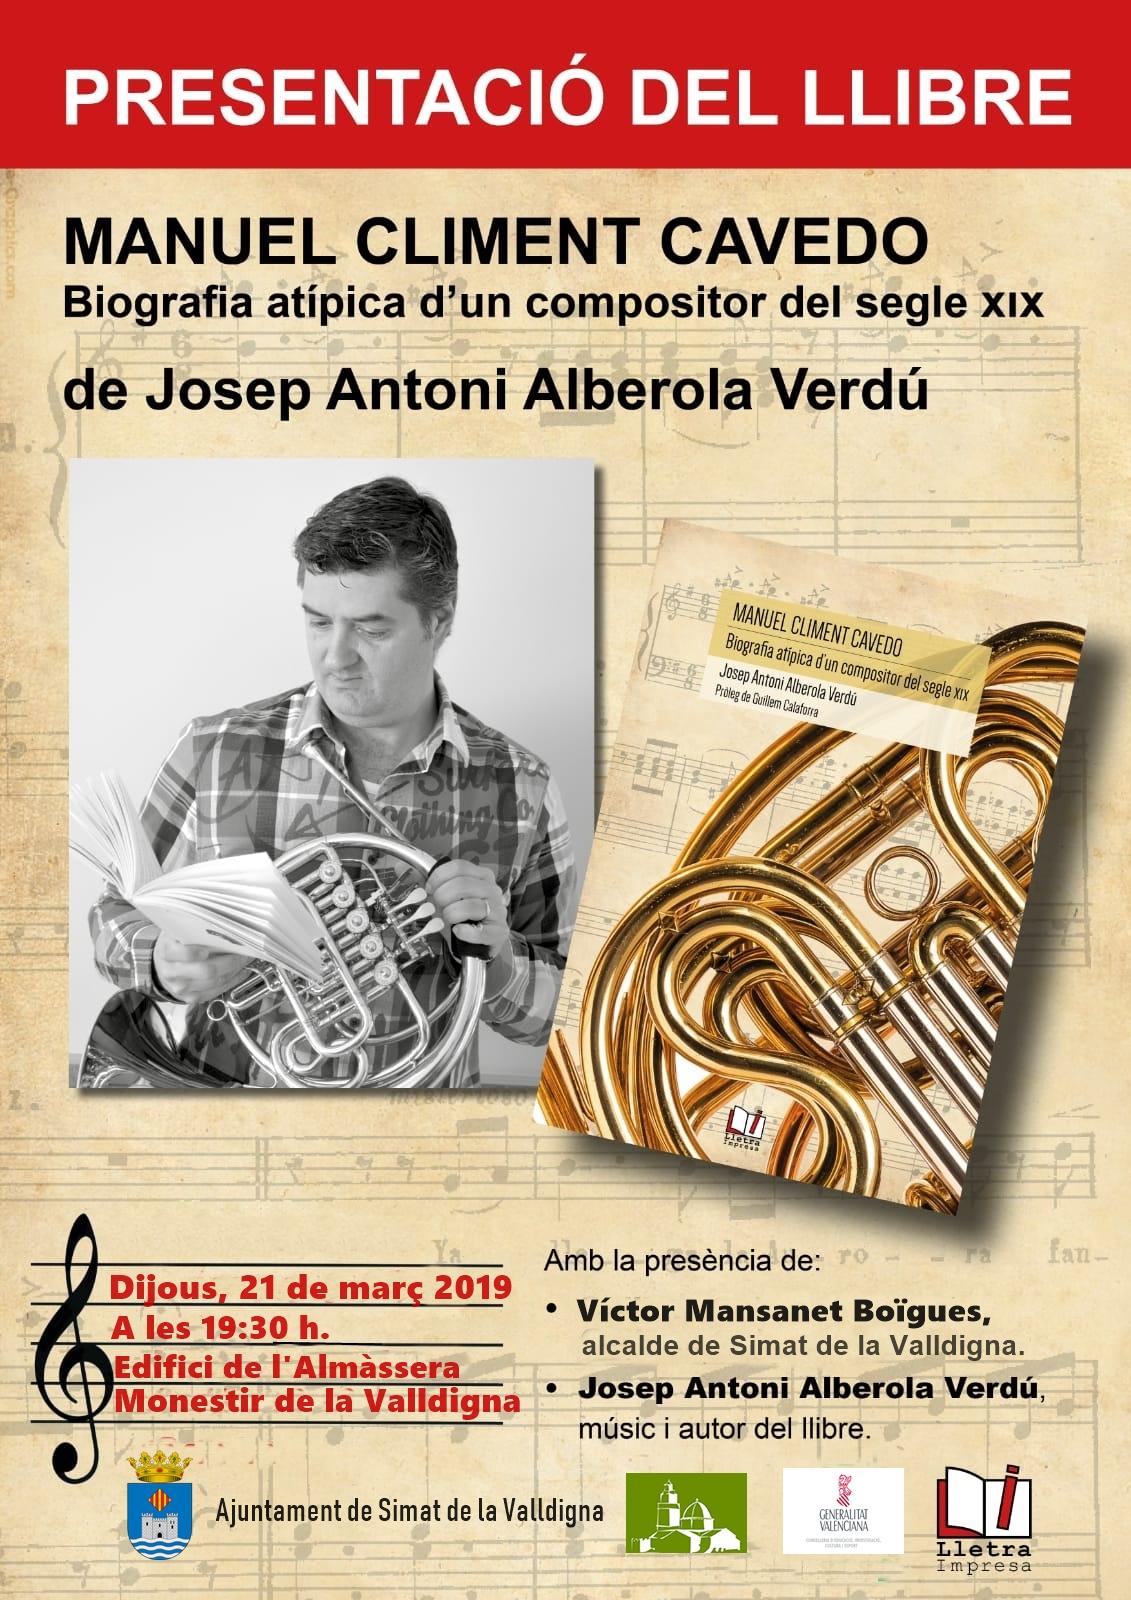 Presentació_llibre_Josep_Antoni_Alberola.jpeg